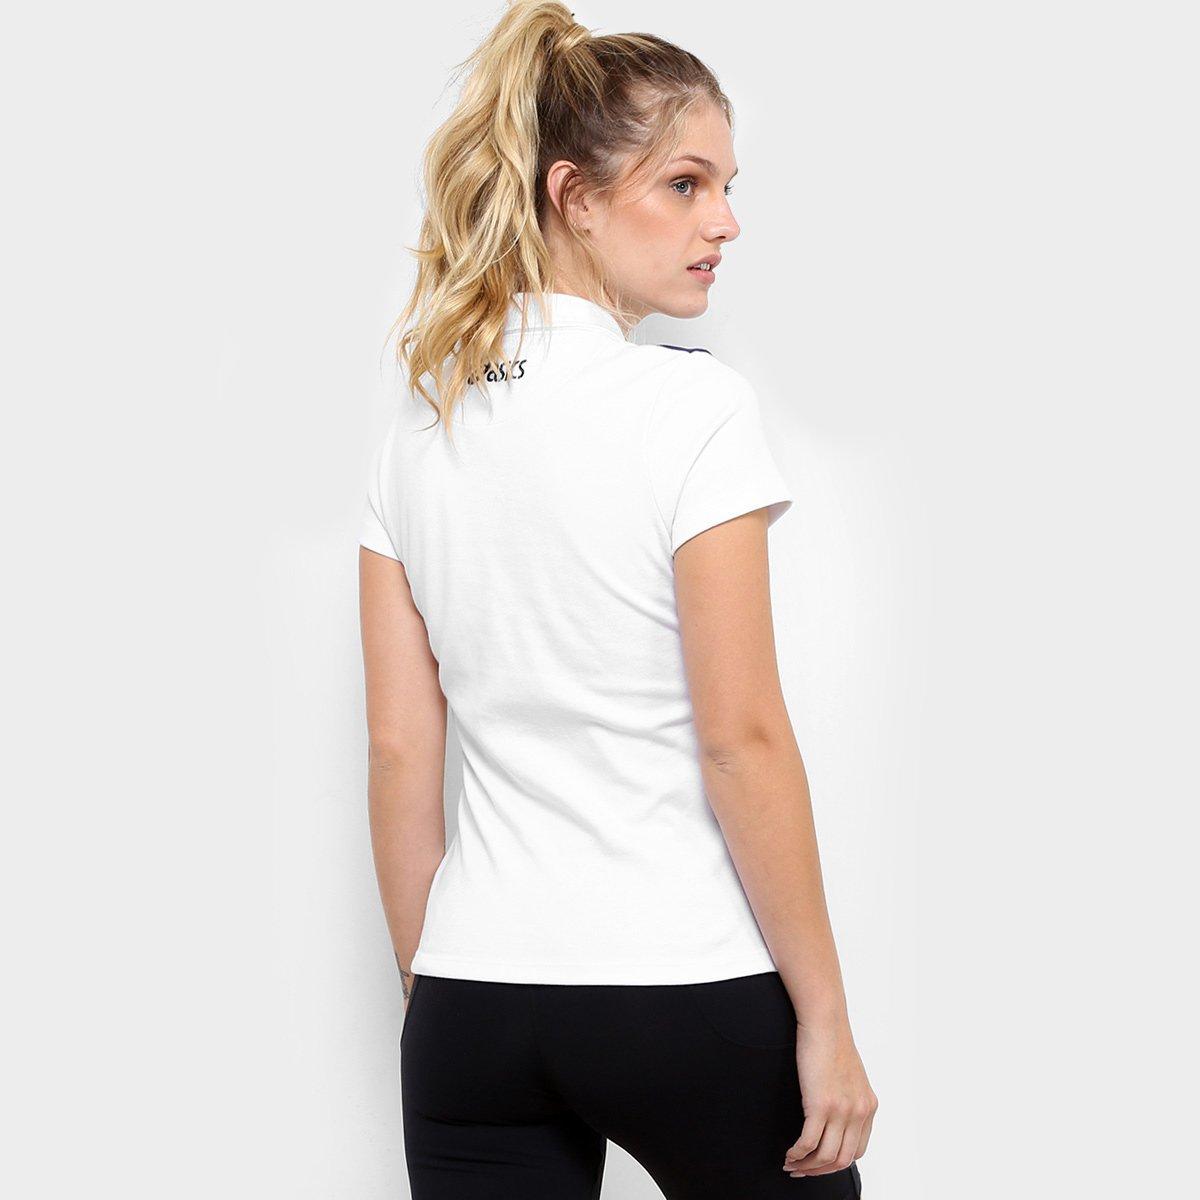 Camisa Vôlei Brasil Rêtro Asics Feminina - Branco e Amarelo - Compre ...  6812d41a1a0b7e  Camiseta de Compressão ... 42dc844801b83